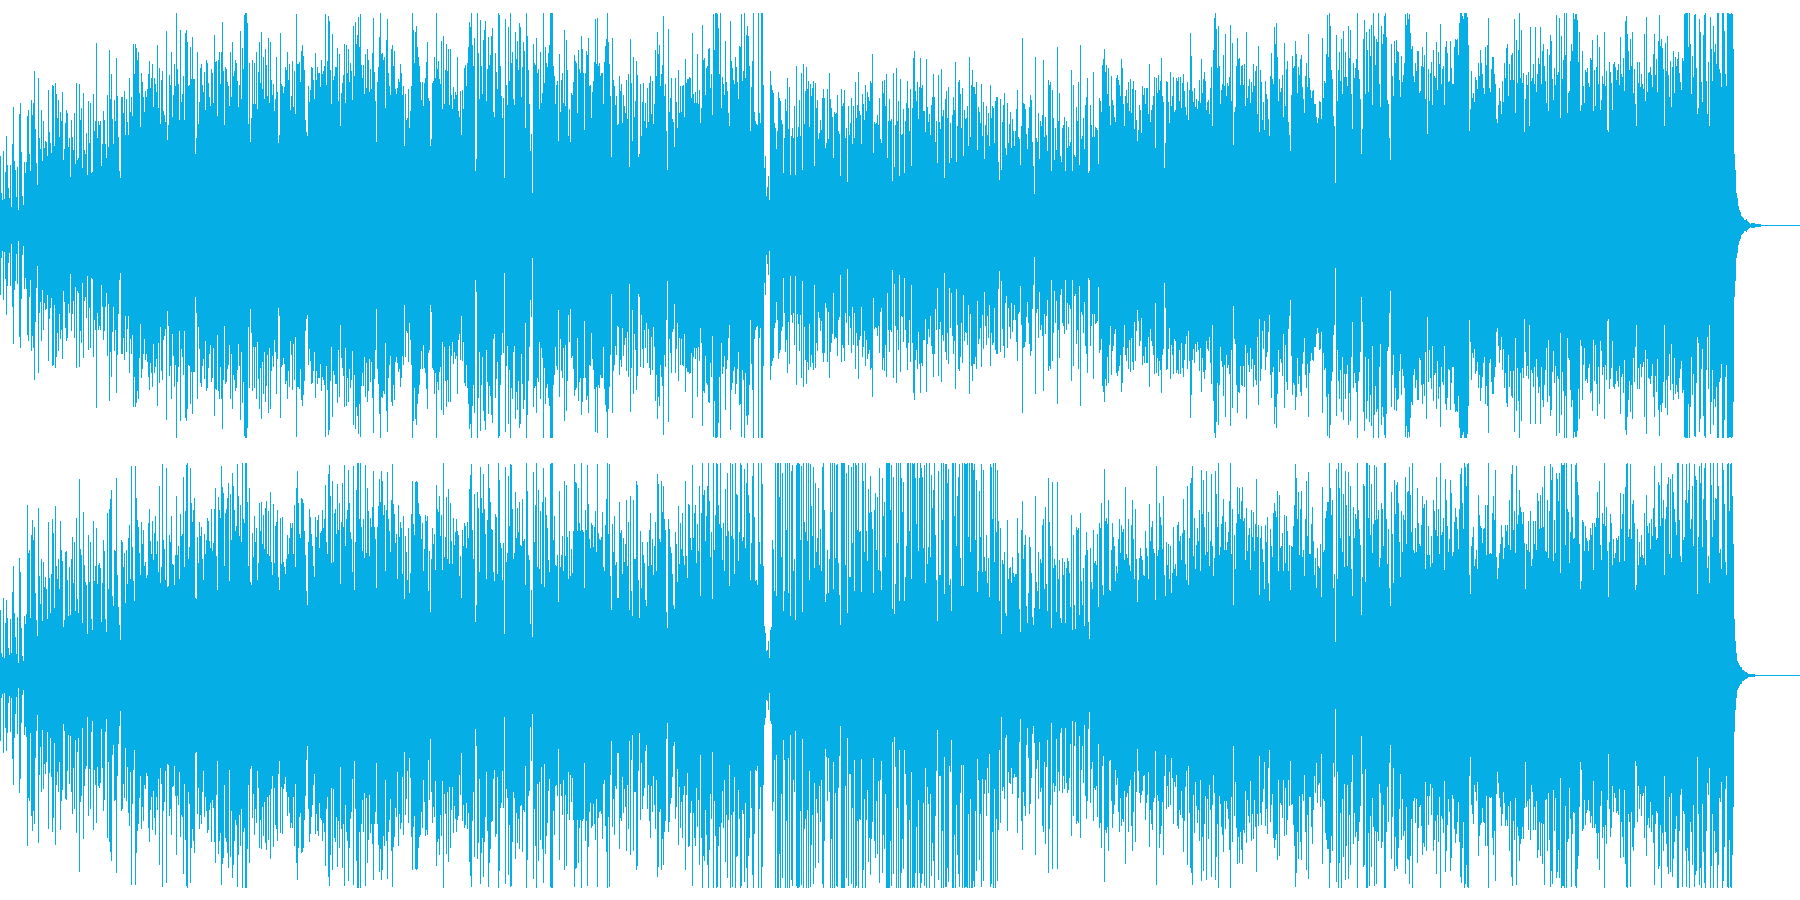 どっしりした和風楽曲の再生済みの波形